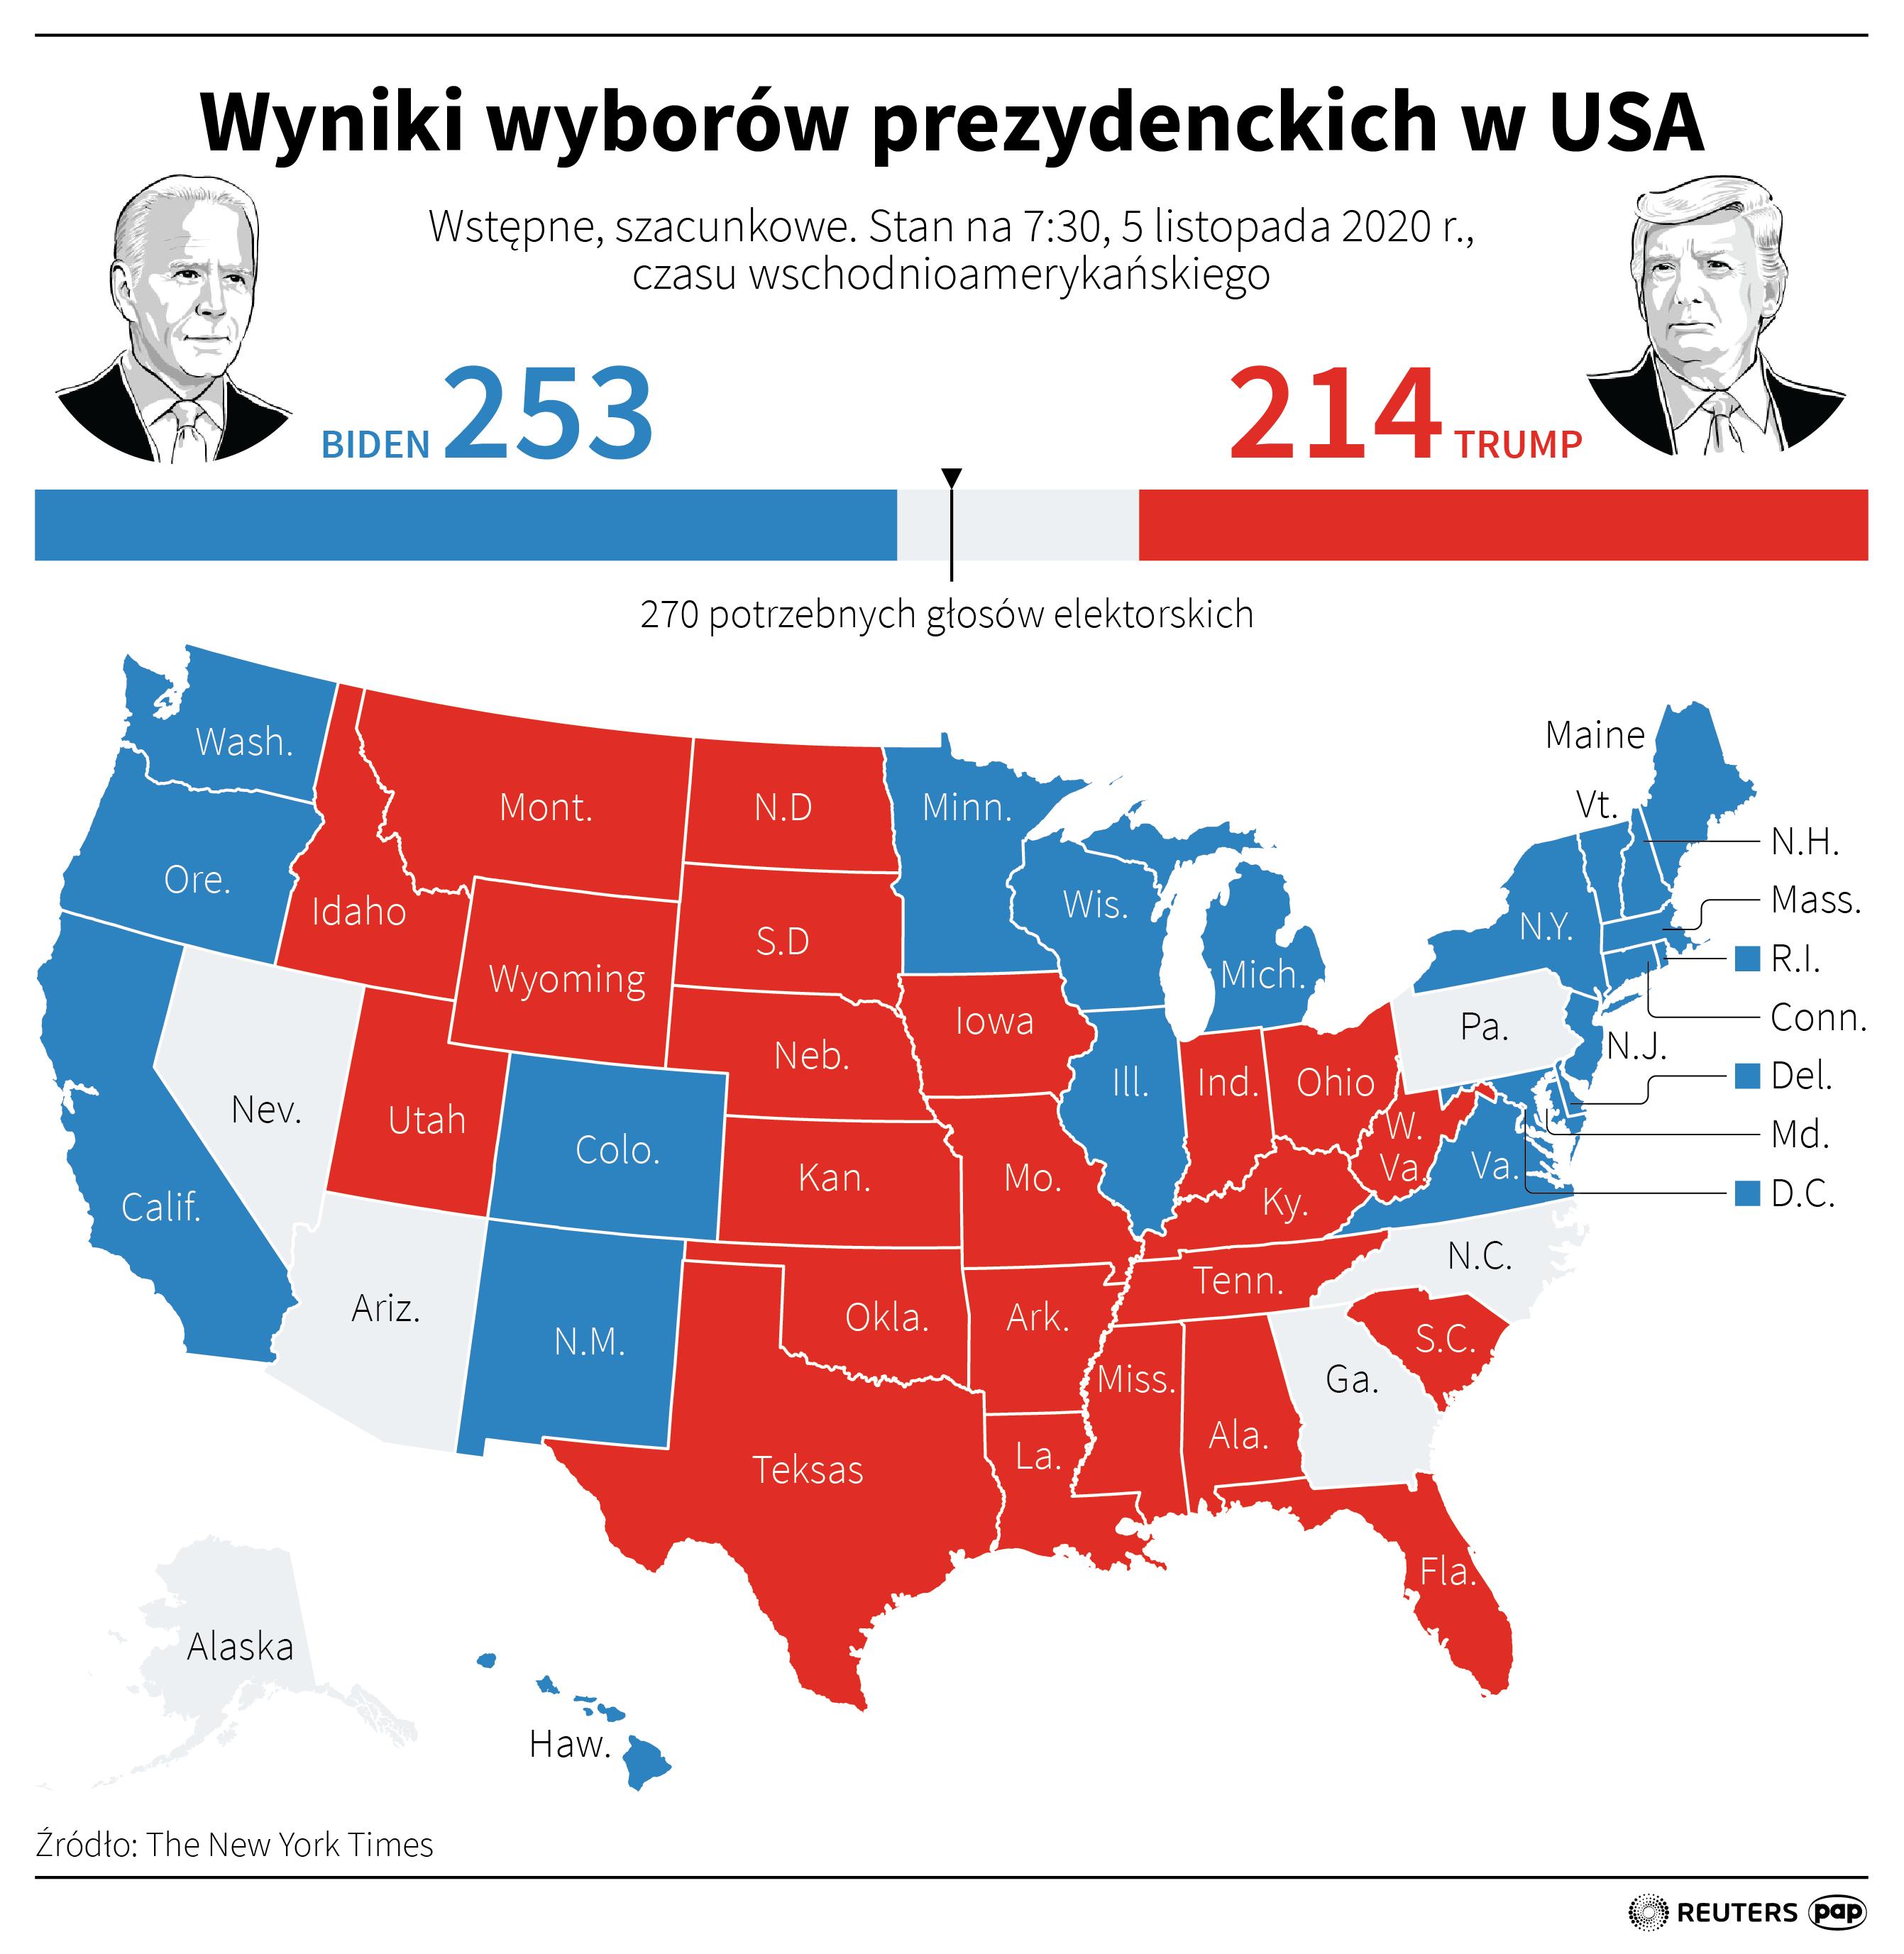 Wstępne wyniki wyborów prezydenckich w USA (opr. Adam Ziemienowicz, Maciej Zieliński/PAP)